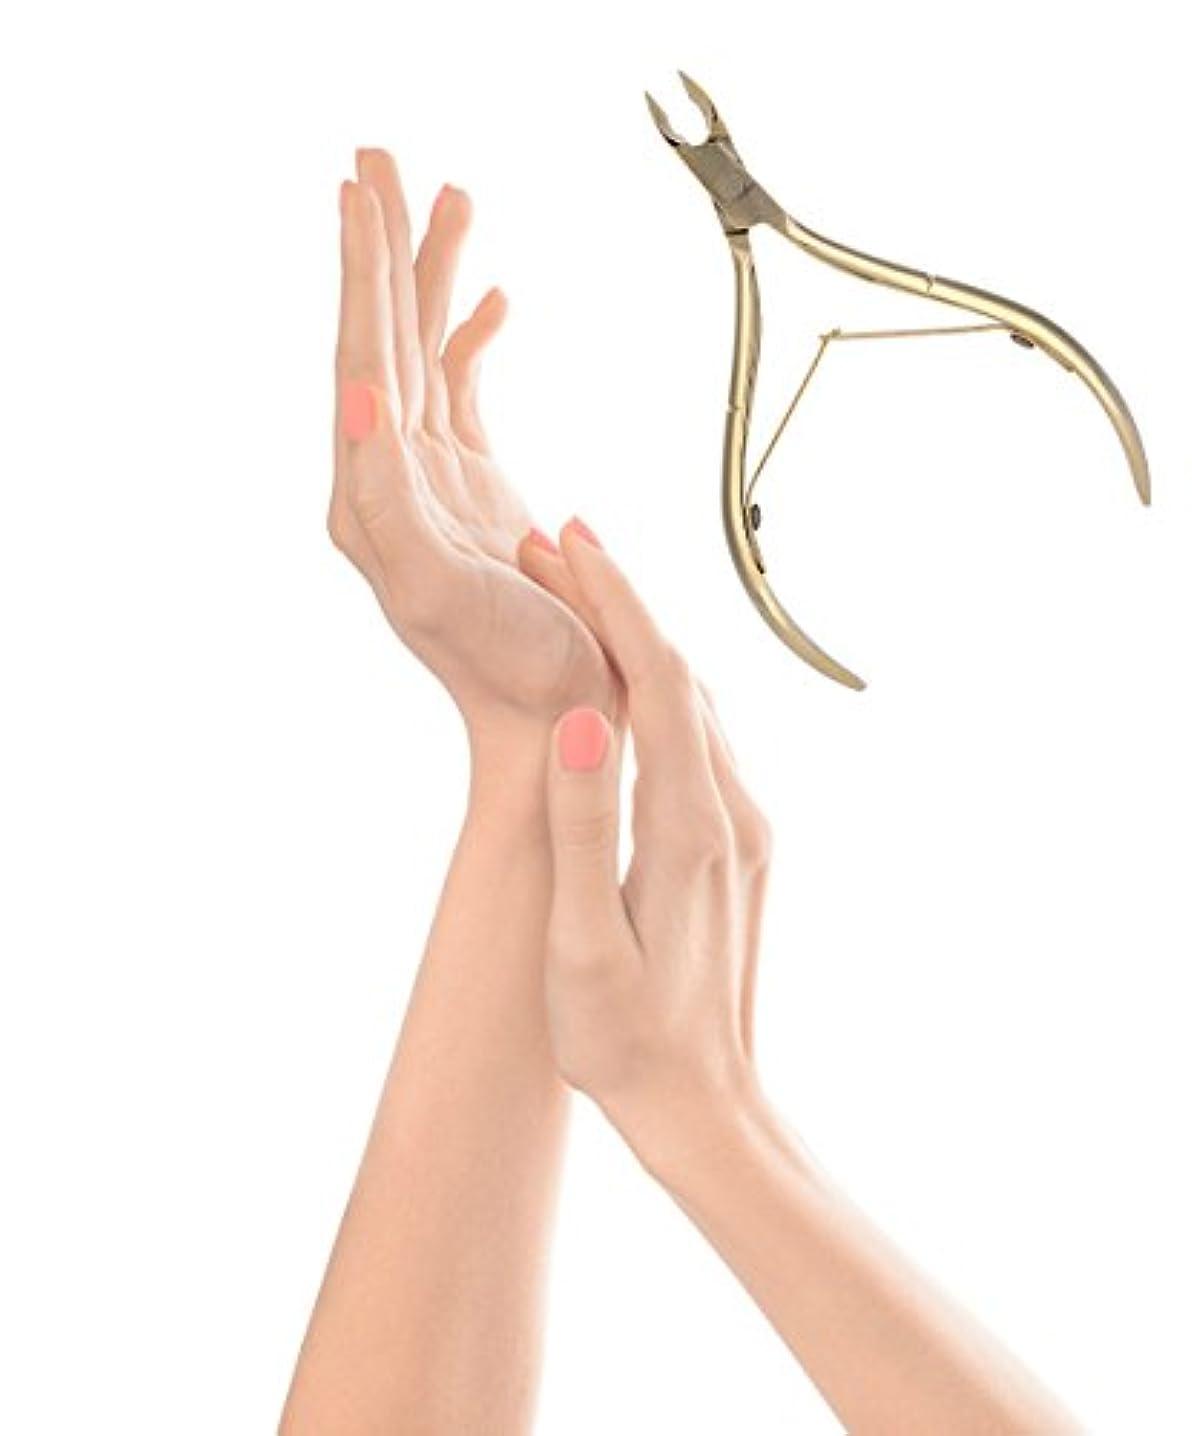 しないおっと休み爪切り ネイルケア ネイルマニキュアツール ステンレス鋼 快適で便利